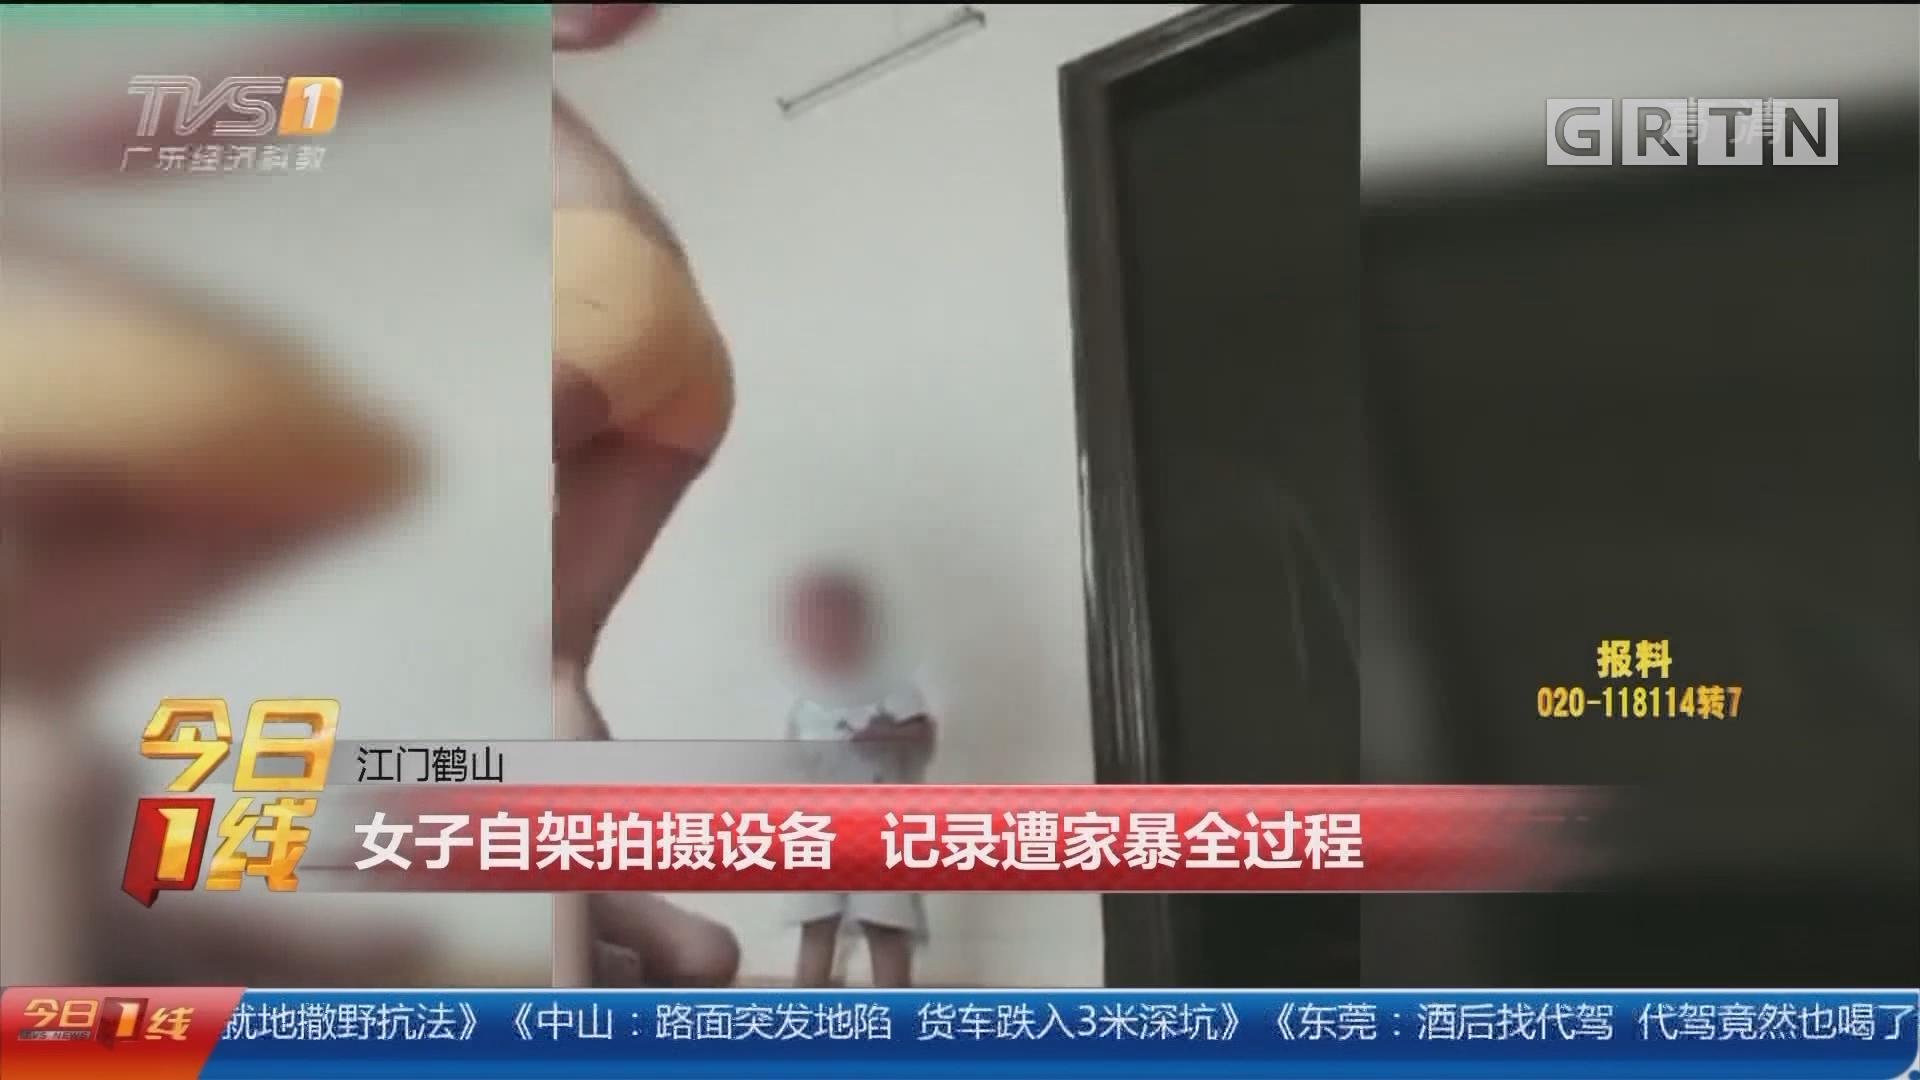 江门鹤山:女子遭家暴视频疯传 警方介入调查